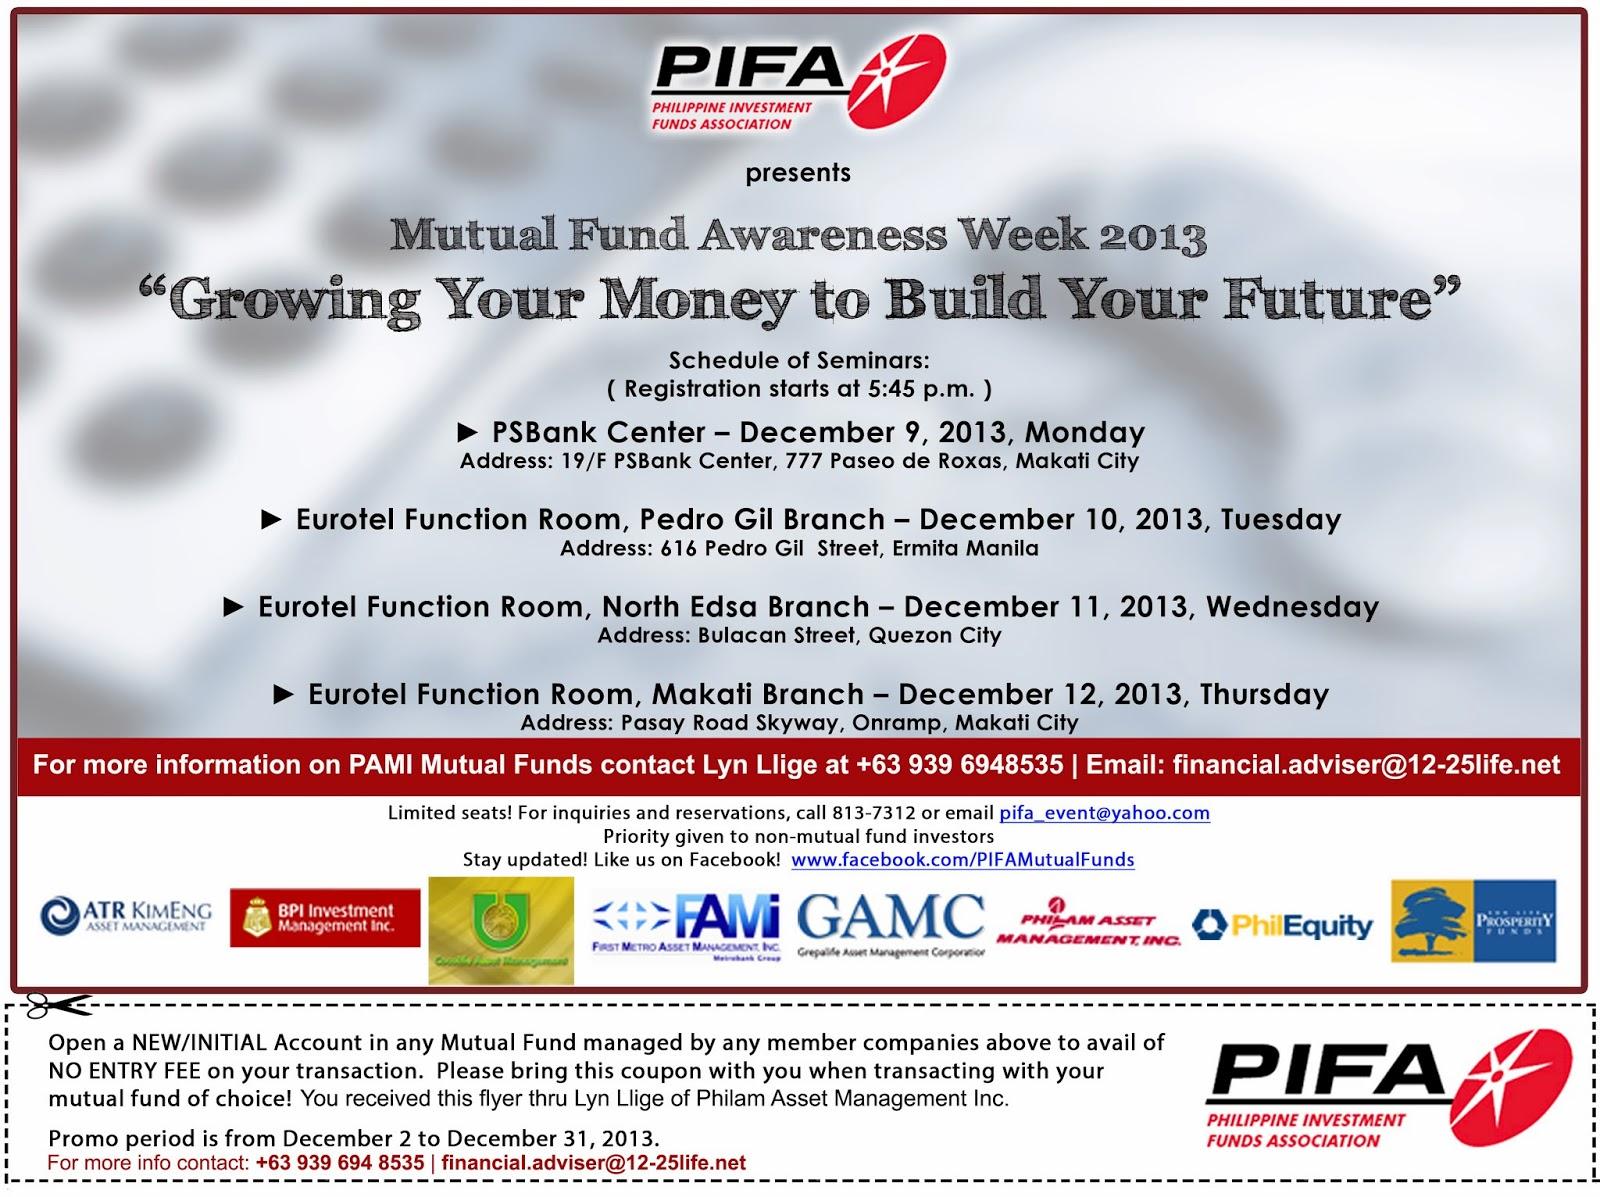 Mutual Fund Awareness Week 2013